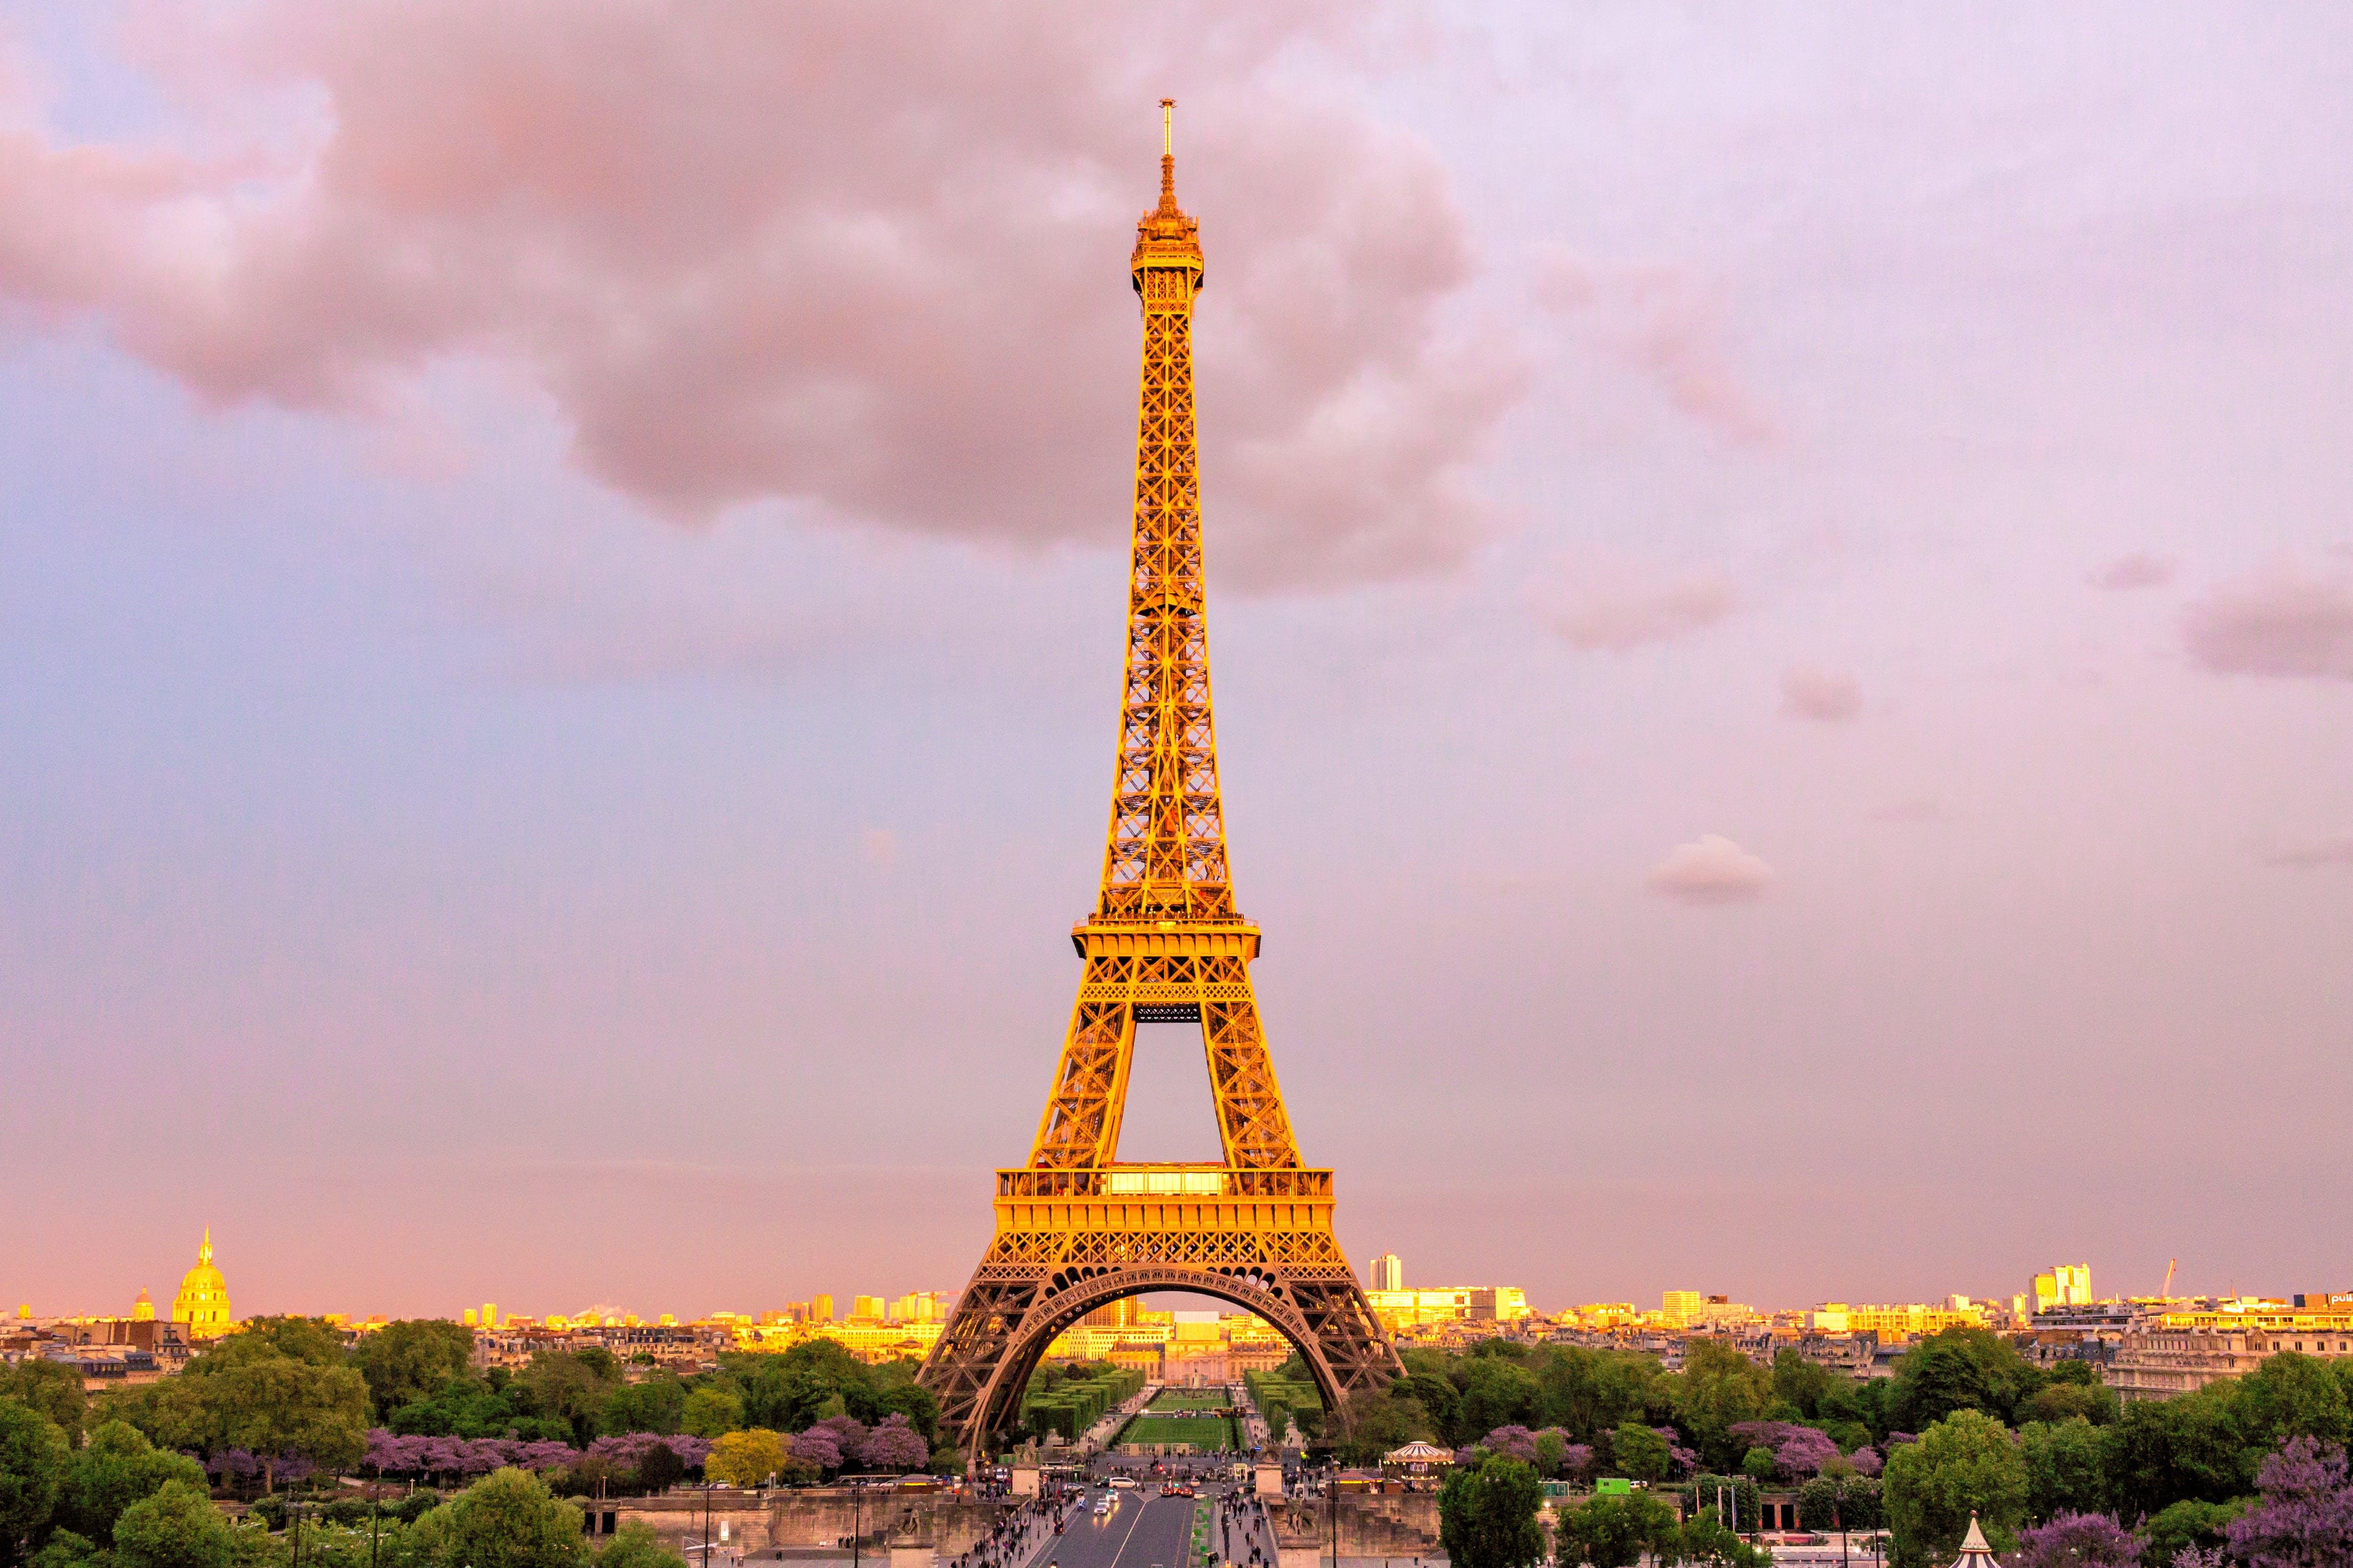 L'eroe dell'attentato del terrore di Parigi ha aiutato a salvare gli artefatti di Notre Dame, dice il sindaco thumbnail